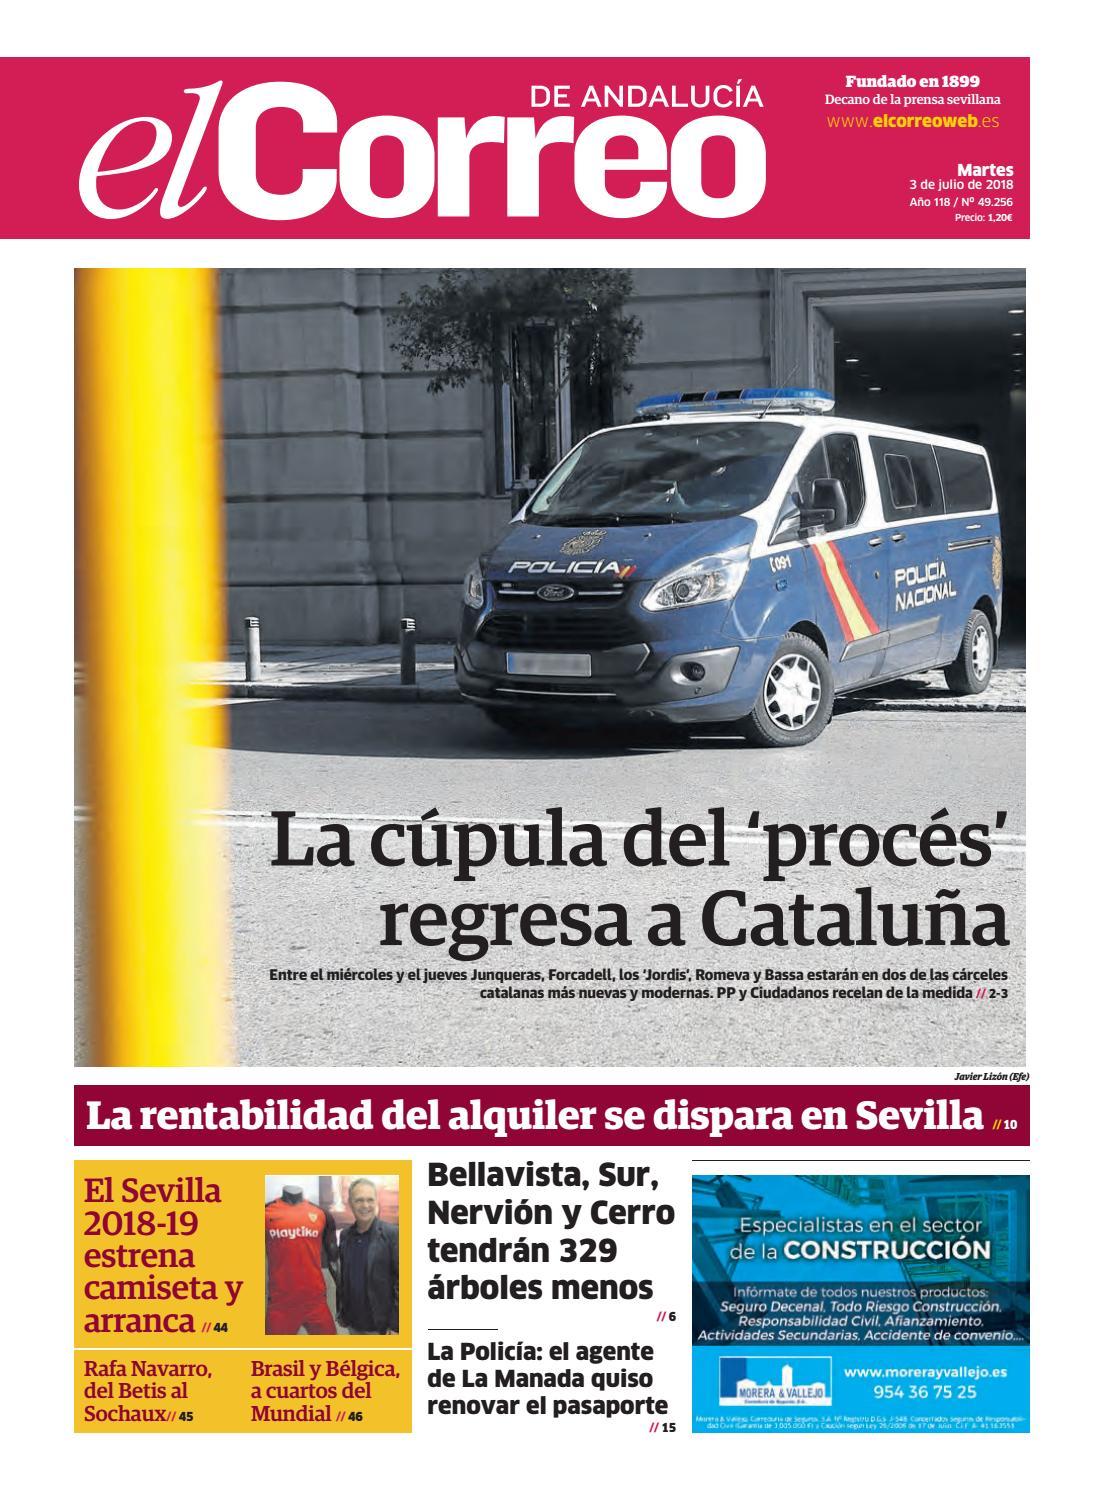 03.07.2018 El Correo de Andalucía by EL CORREO DE ANDALUCÍA S.L. - issuu e96cb2afa2a62